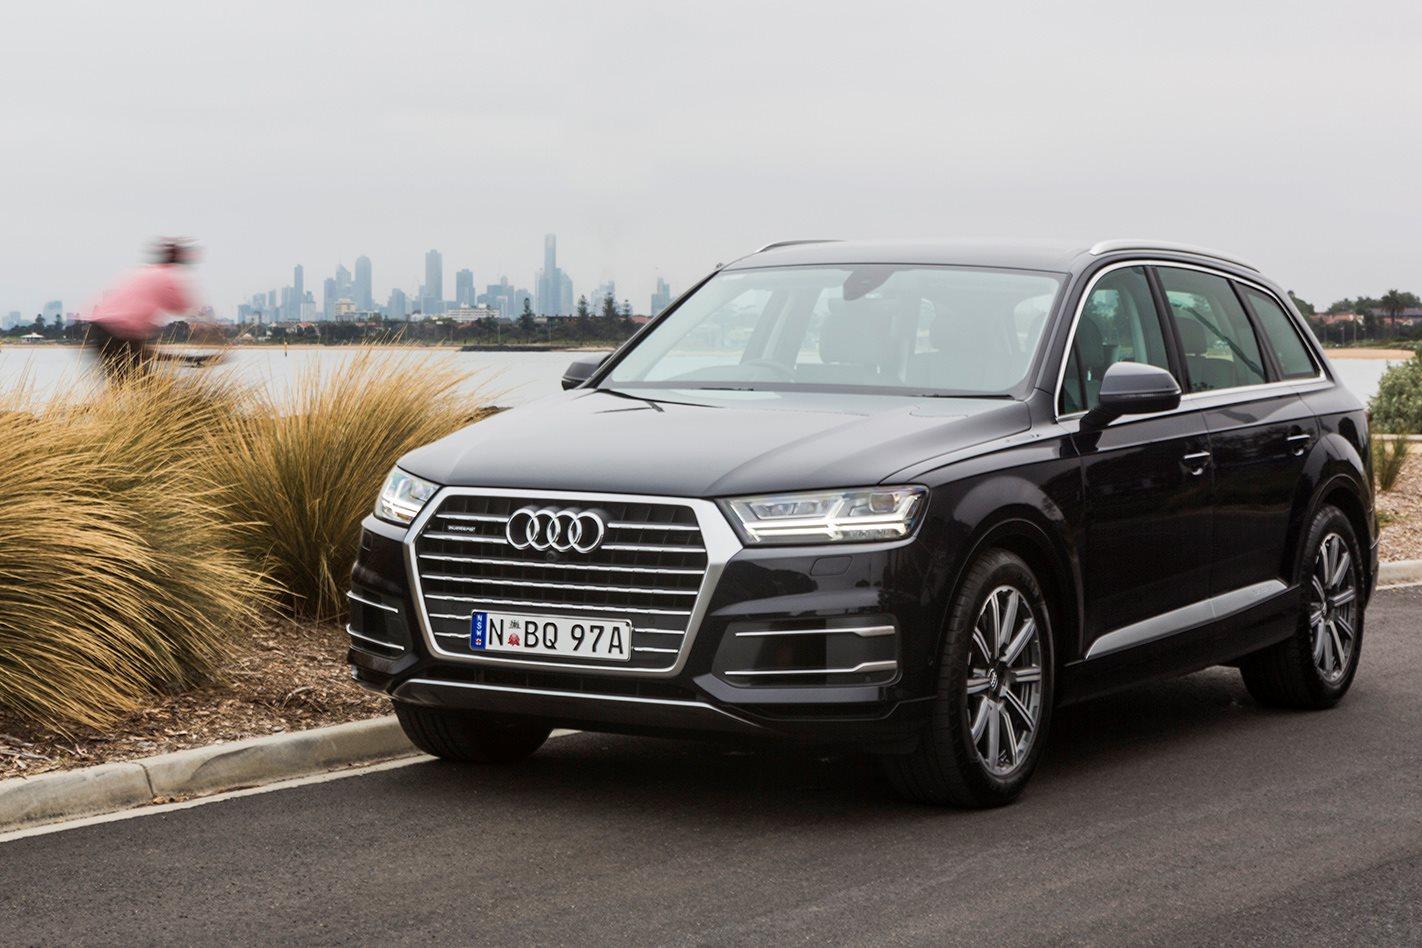 Kekurangan Audi X7 Murah Berkualitas